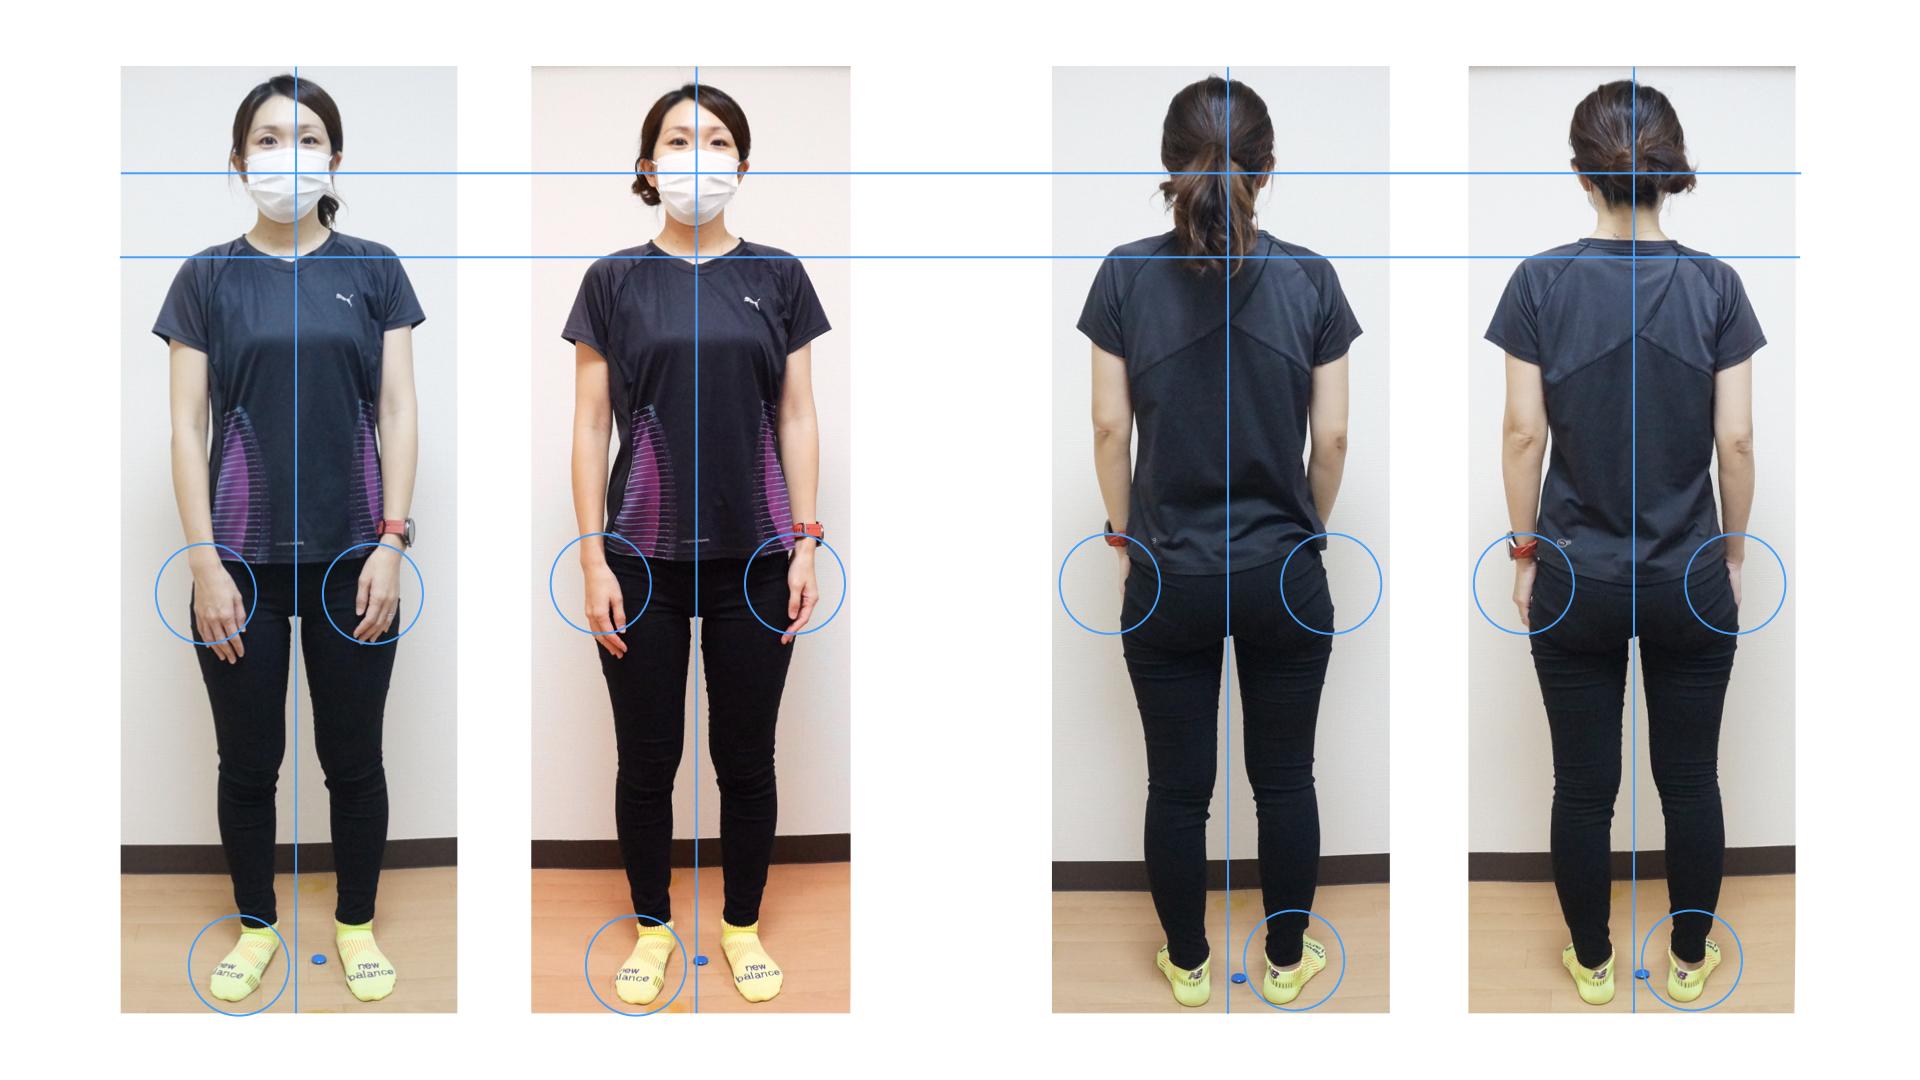 筋膜リリースおよび皮膚への刺激に加えダイナミックストレッチからスタティックストレッチ、PNF実施後の正面と後面の姿勢の状態です。中野パーソナルトレーニングジム